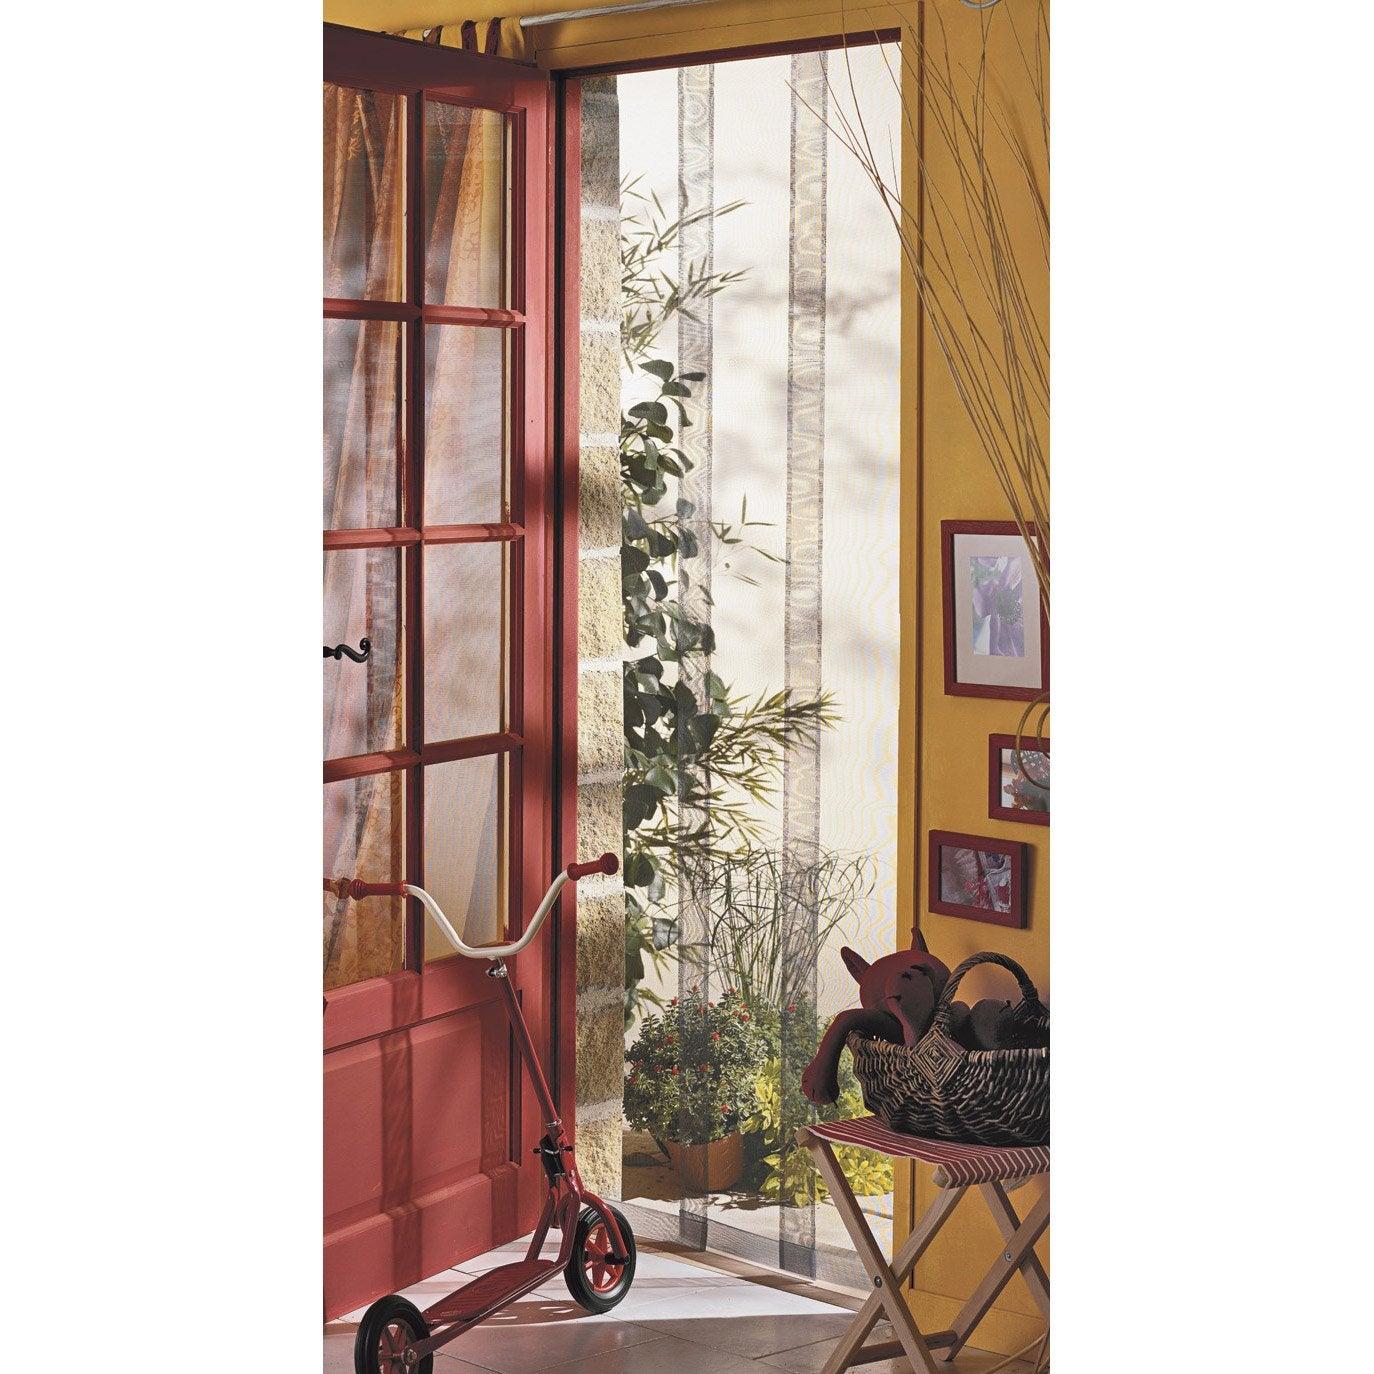 moustiquaire pour porte rideau moustikit x cm leroy merlin. Black Bedroom Furniture Sets. Home Design Ideas